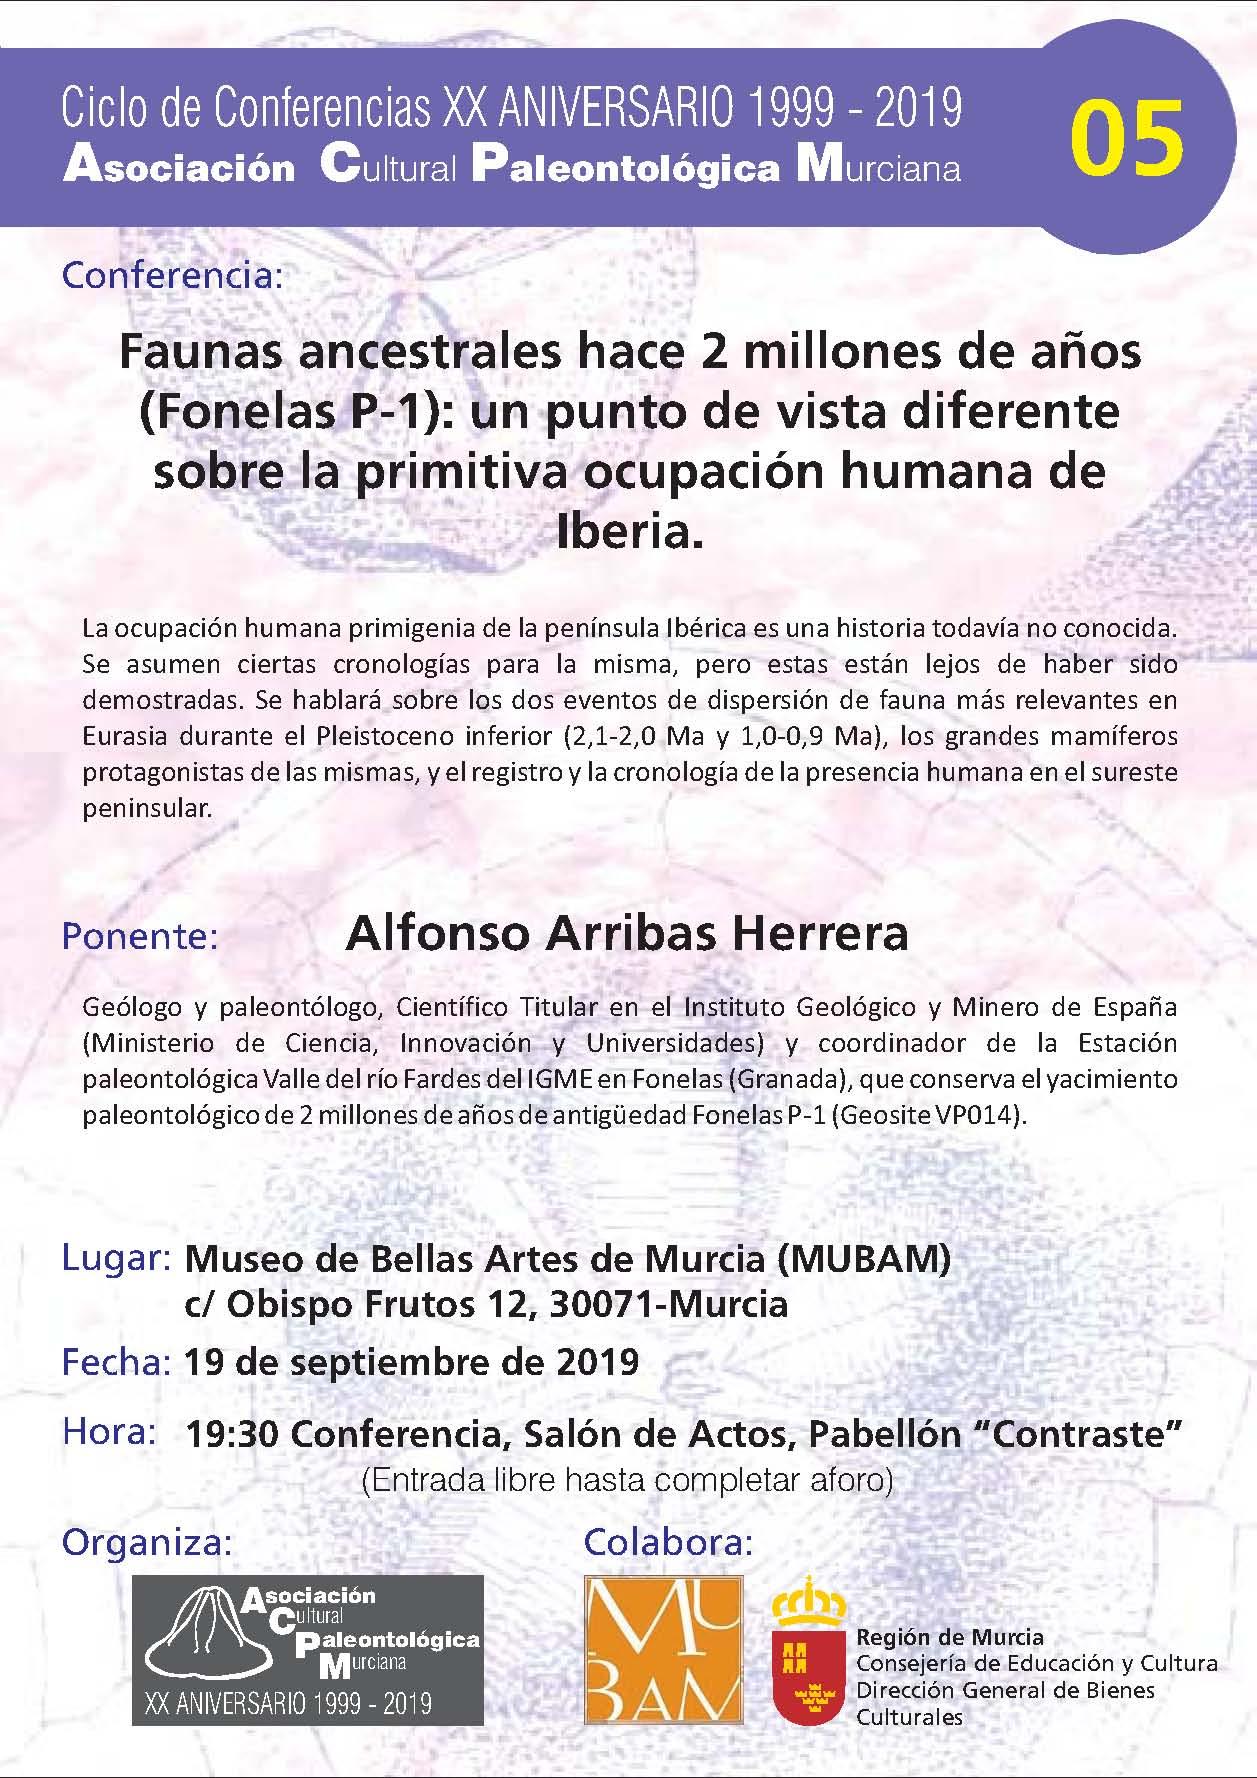 Charla sobre Faunas ancestrales hace 2 millones de años, con la AsociaciónCultural Paleontológica Murciana